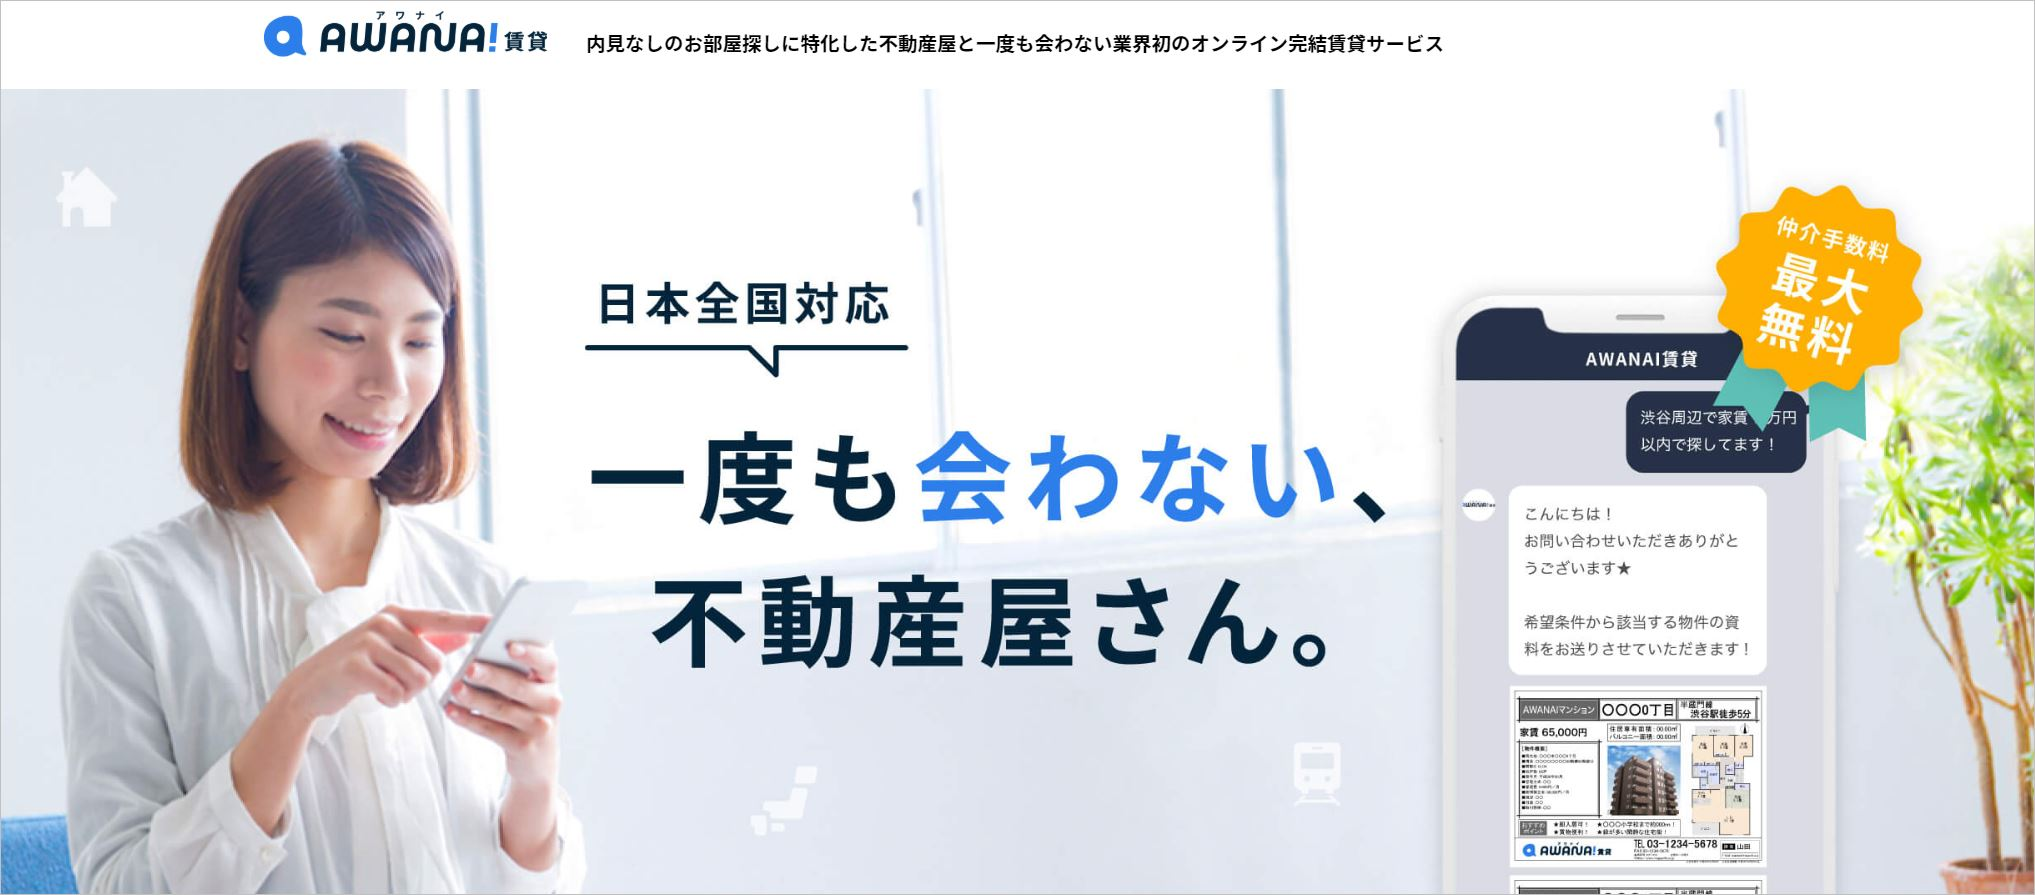 awanai賃貸のトップ画面